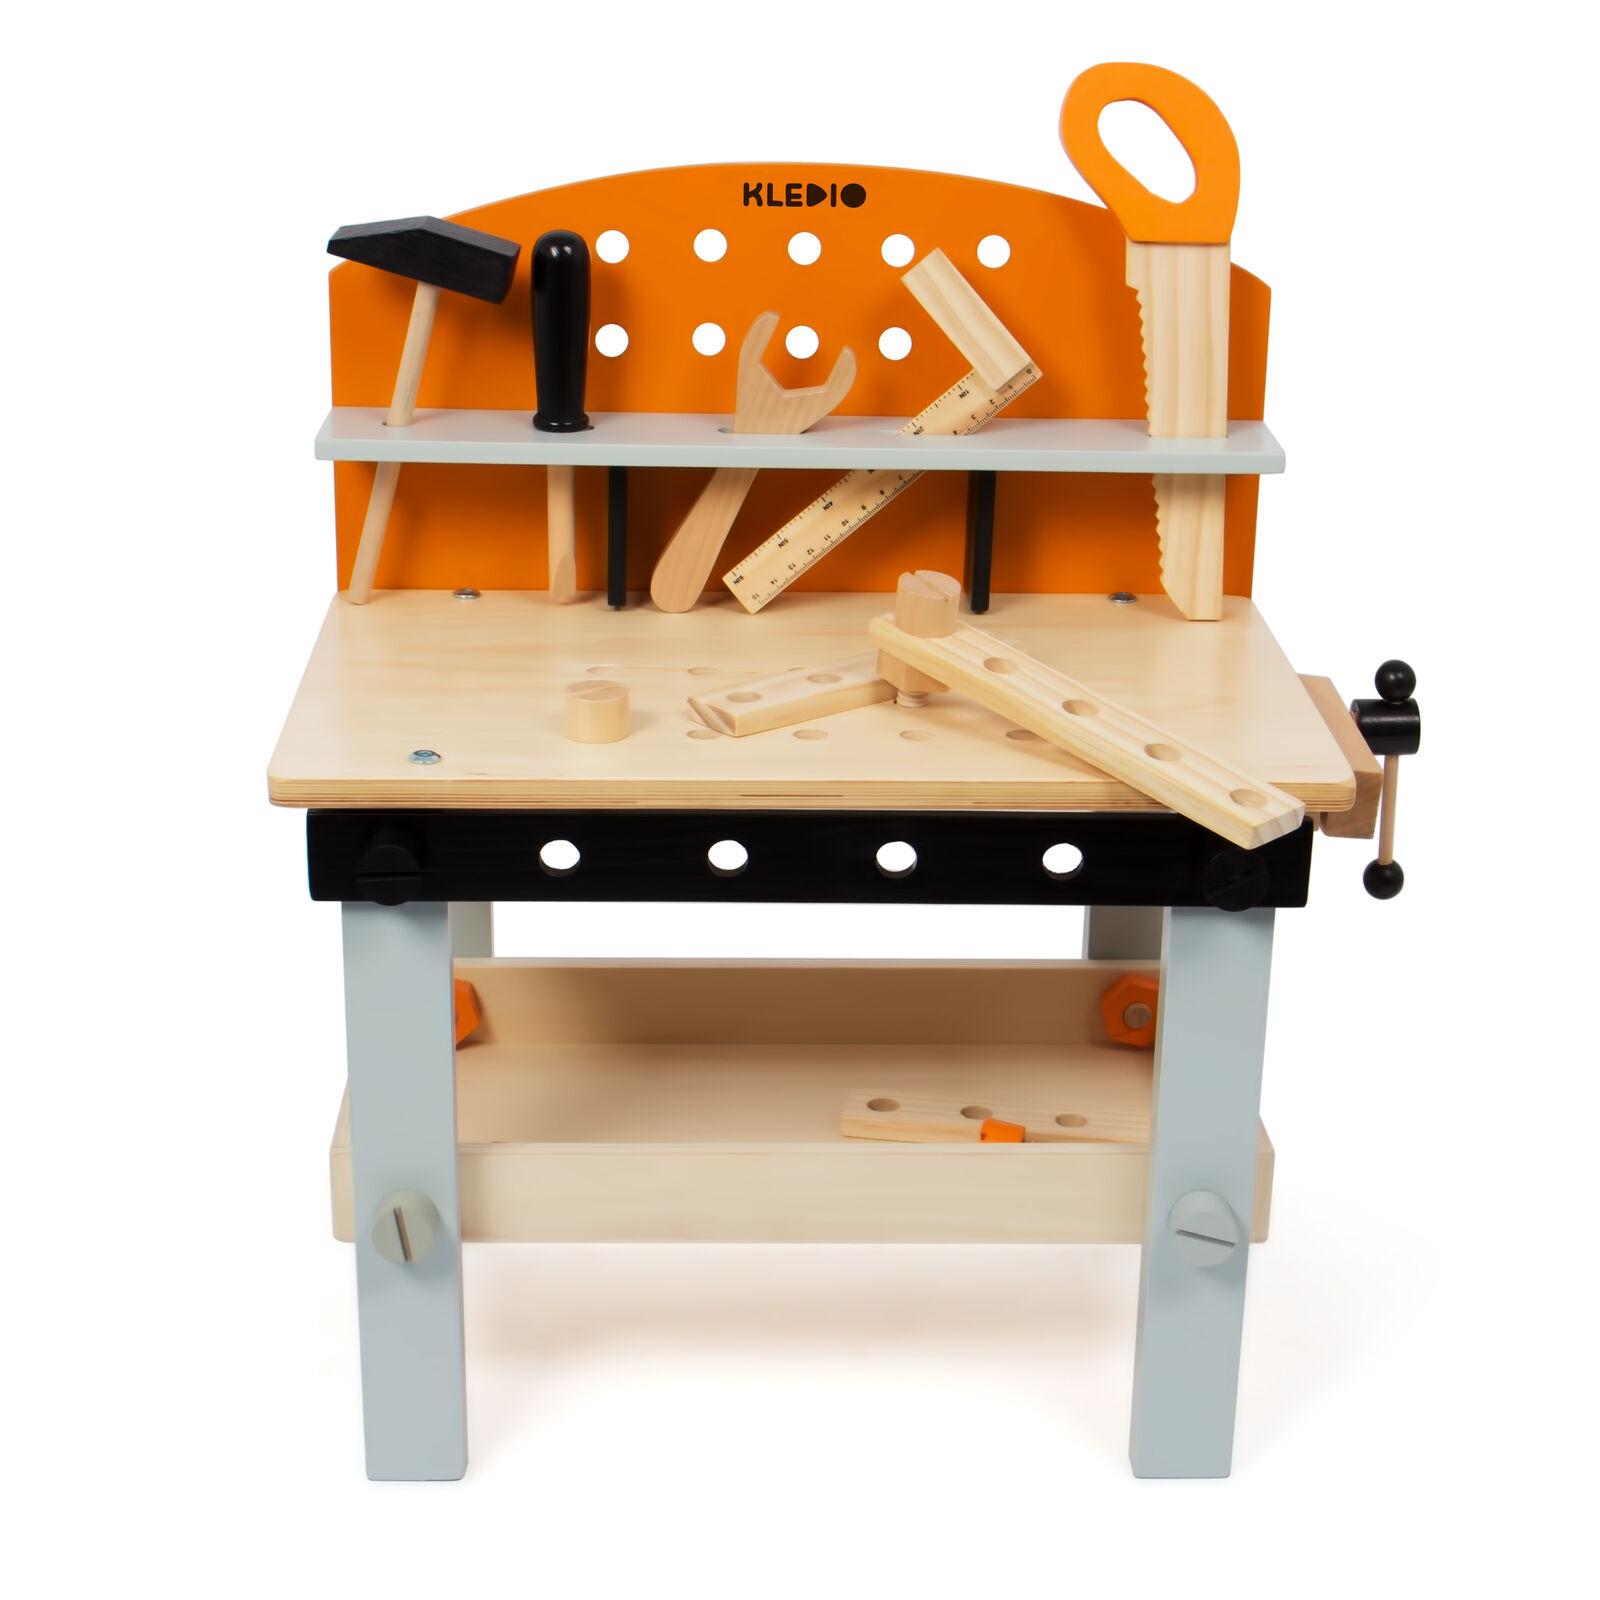 Kledio Werkbank Kinder aus Holz FSC® 100%, 14-teilig, Holzwerkzeug